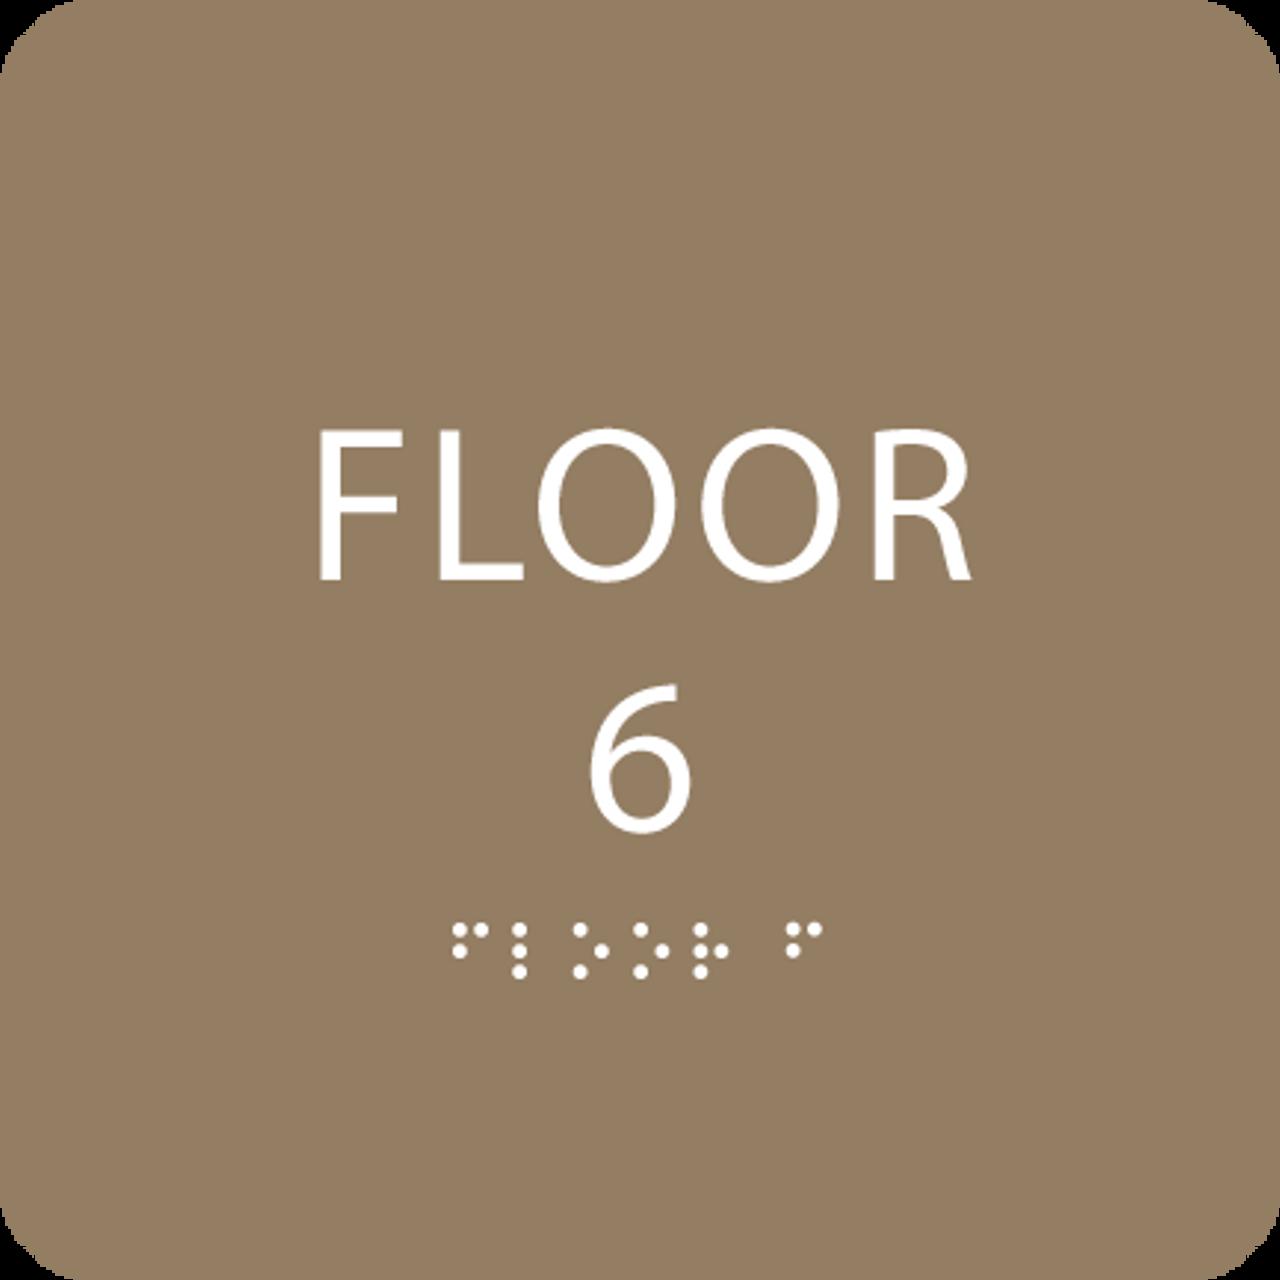 Brown Floor 6 Level Identification ADA Sign